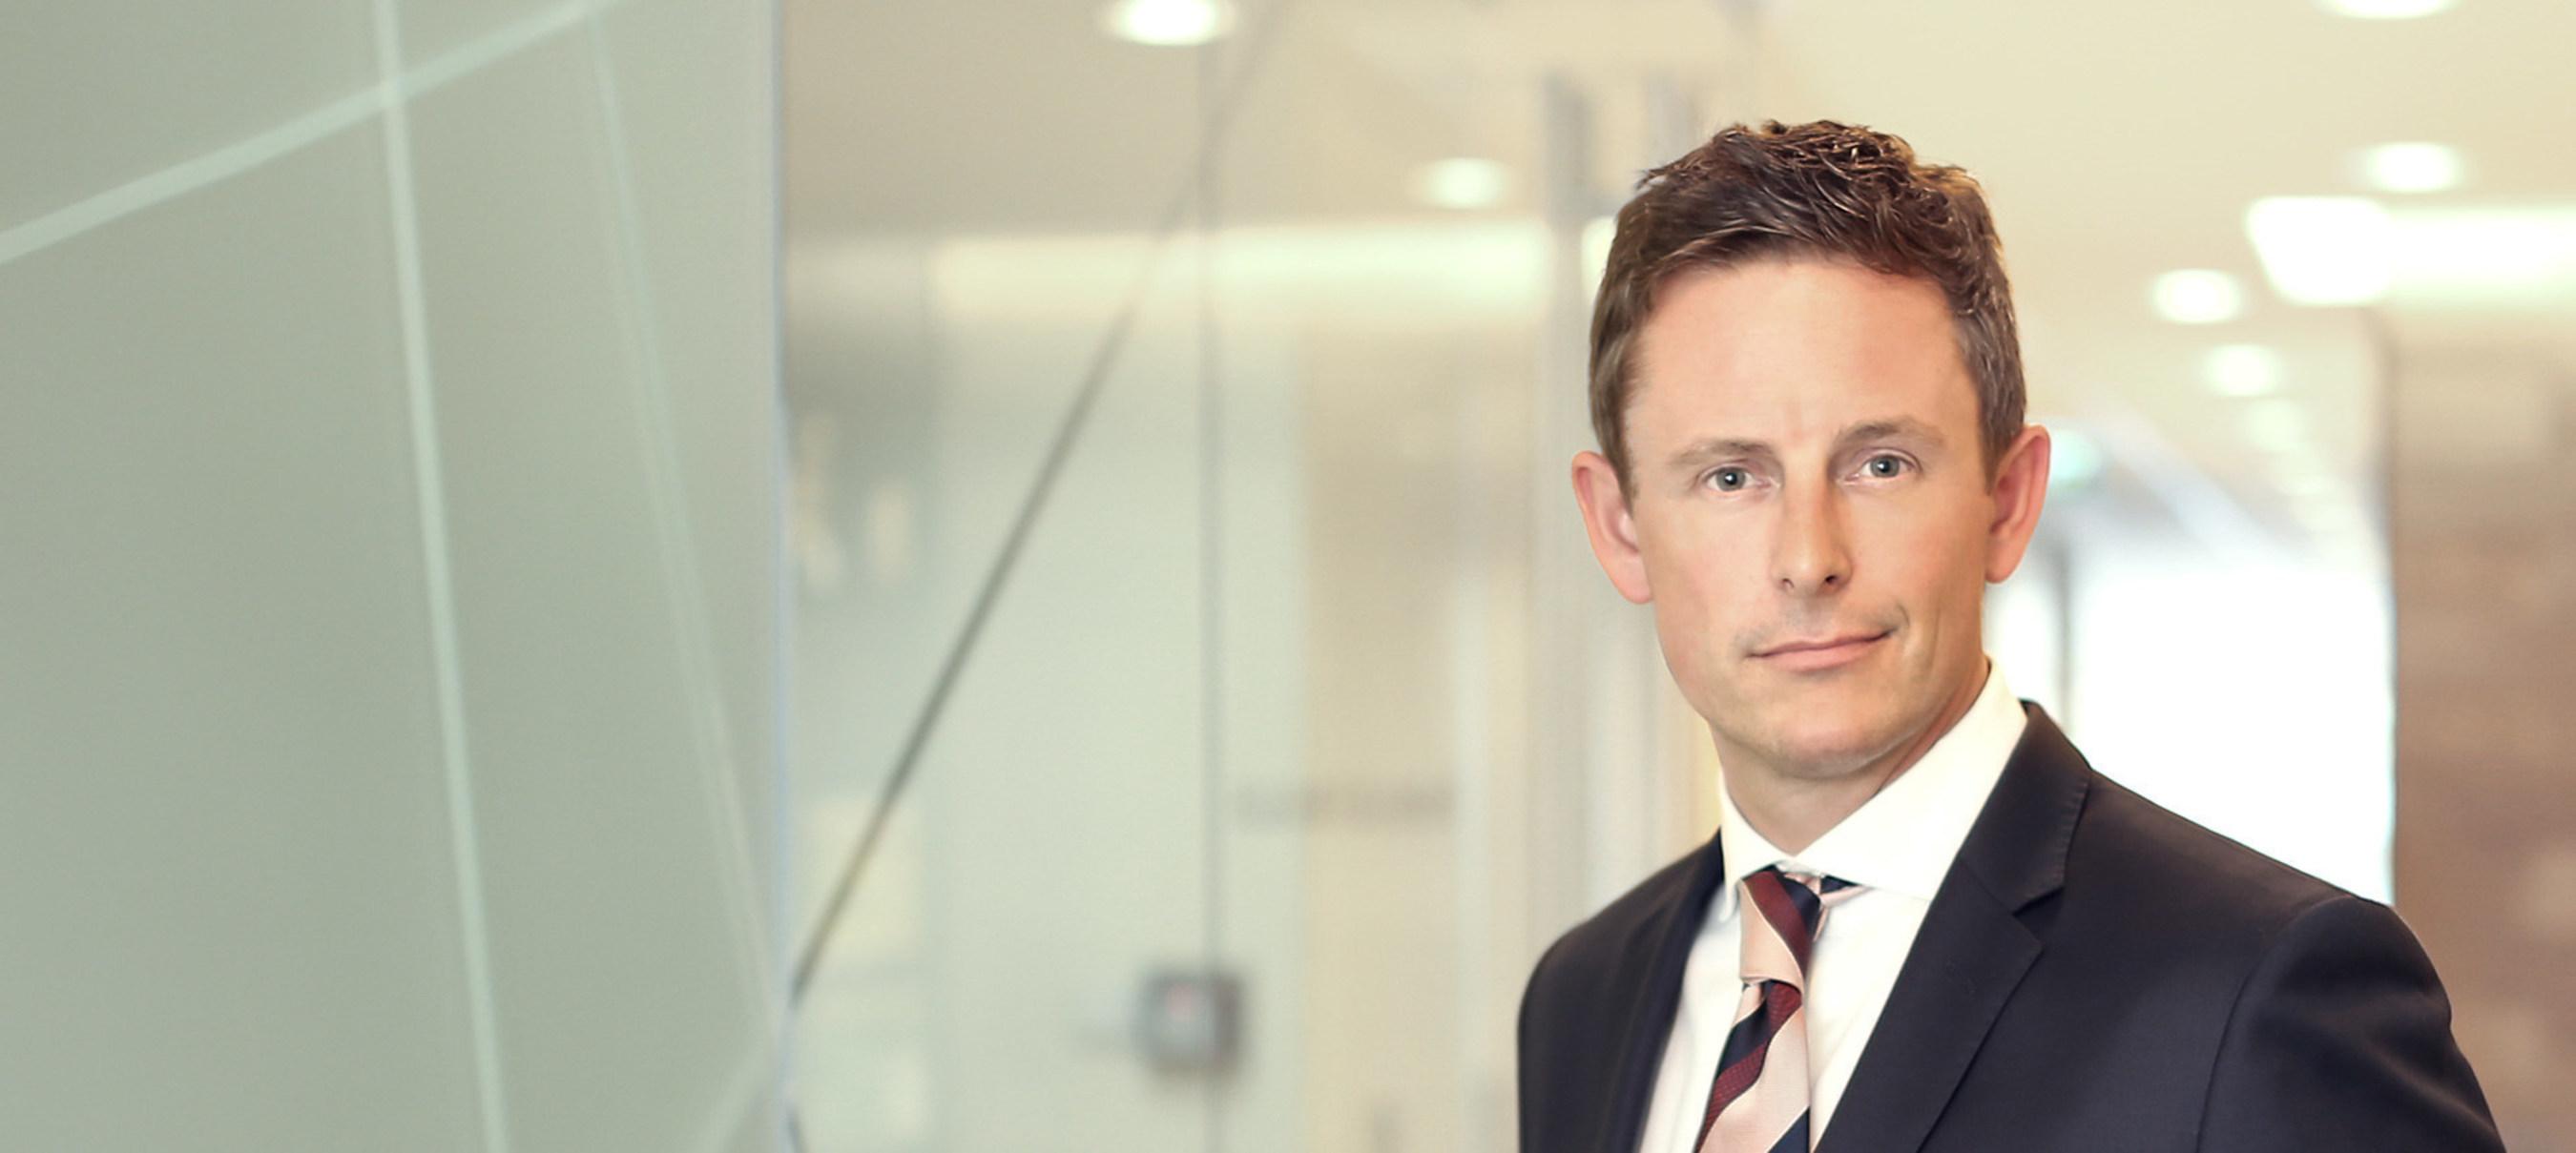 Heidrick & Struggles nomme un directeur associé pour la Scandinavie